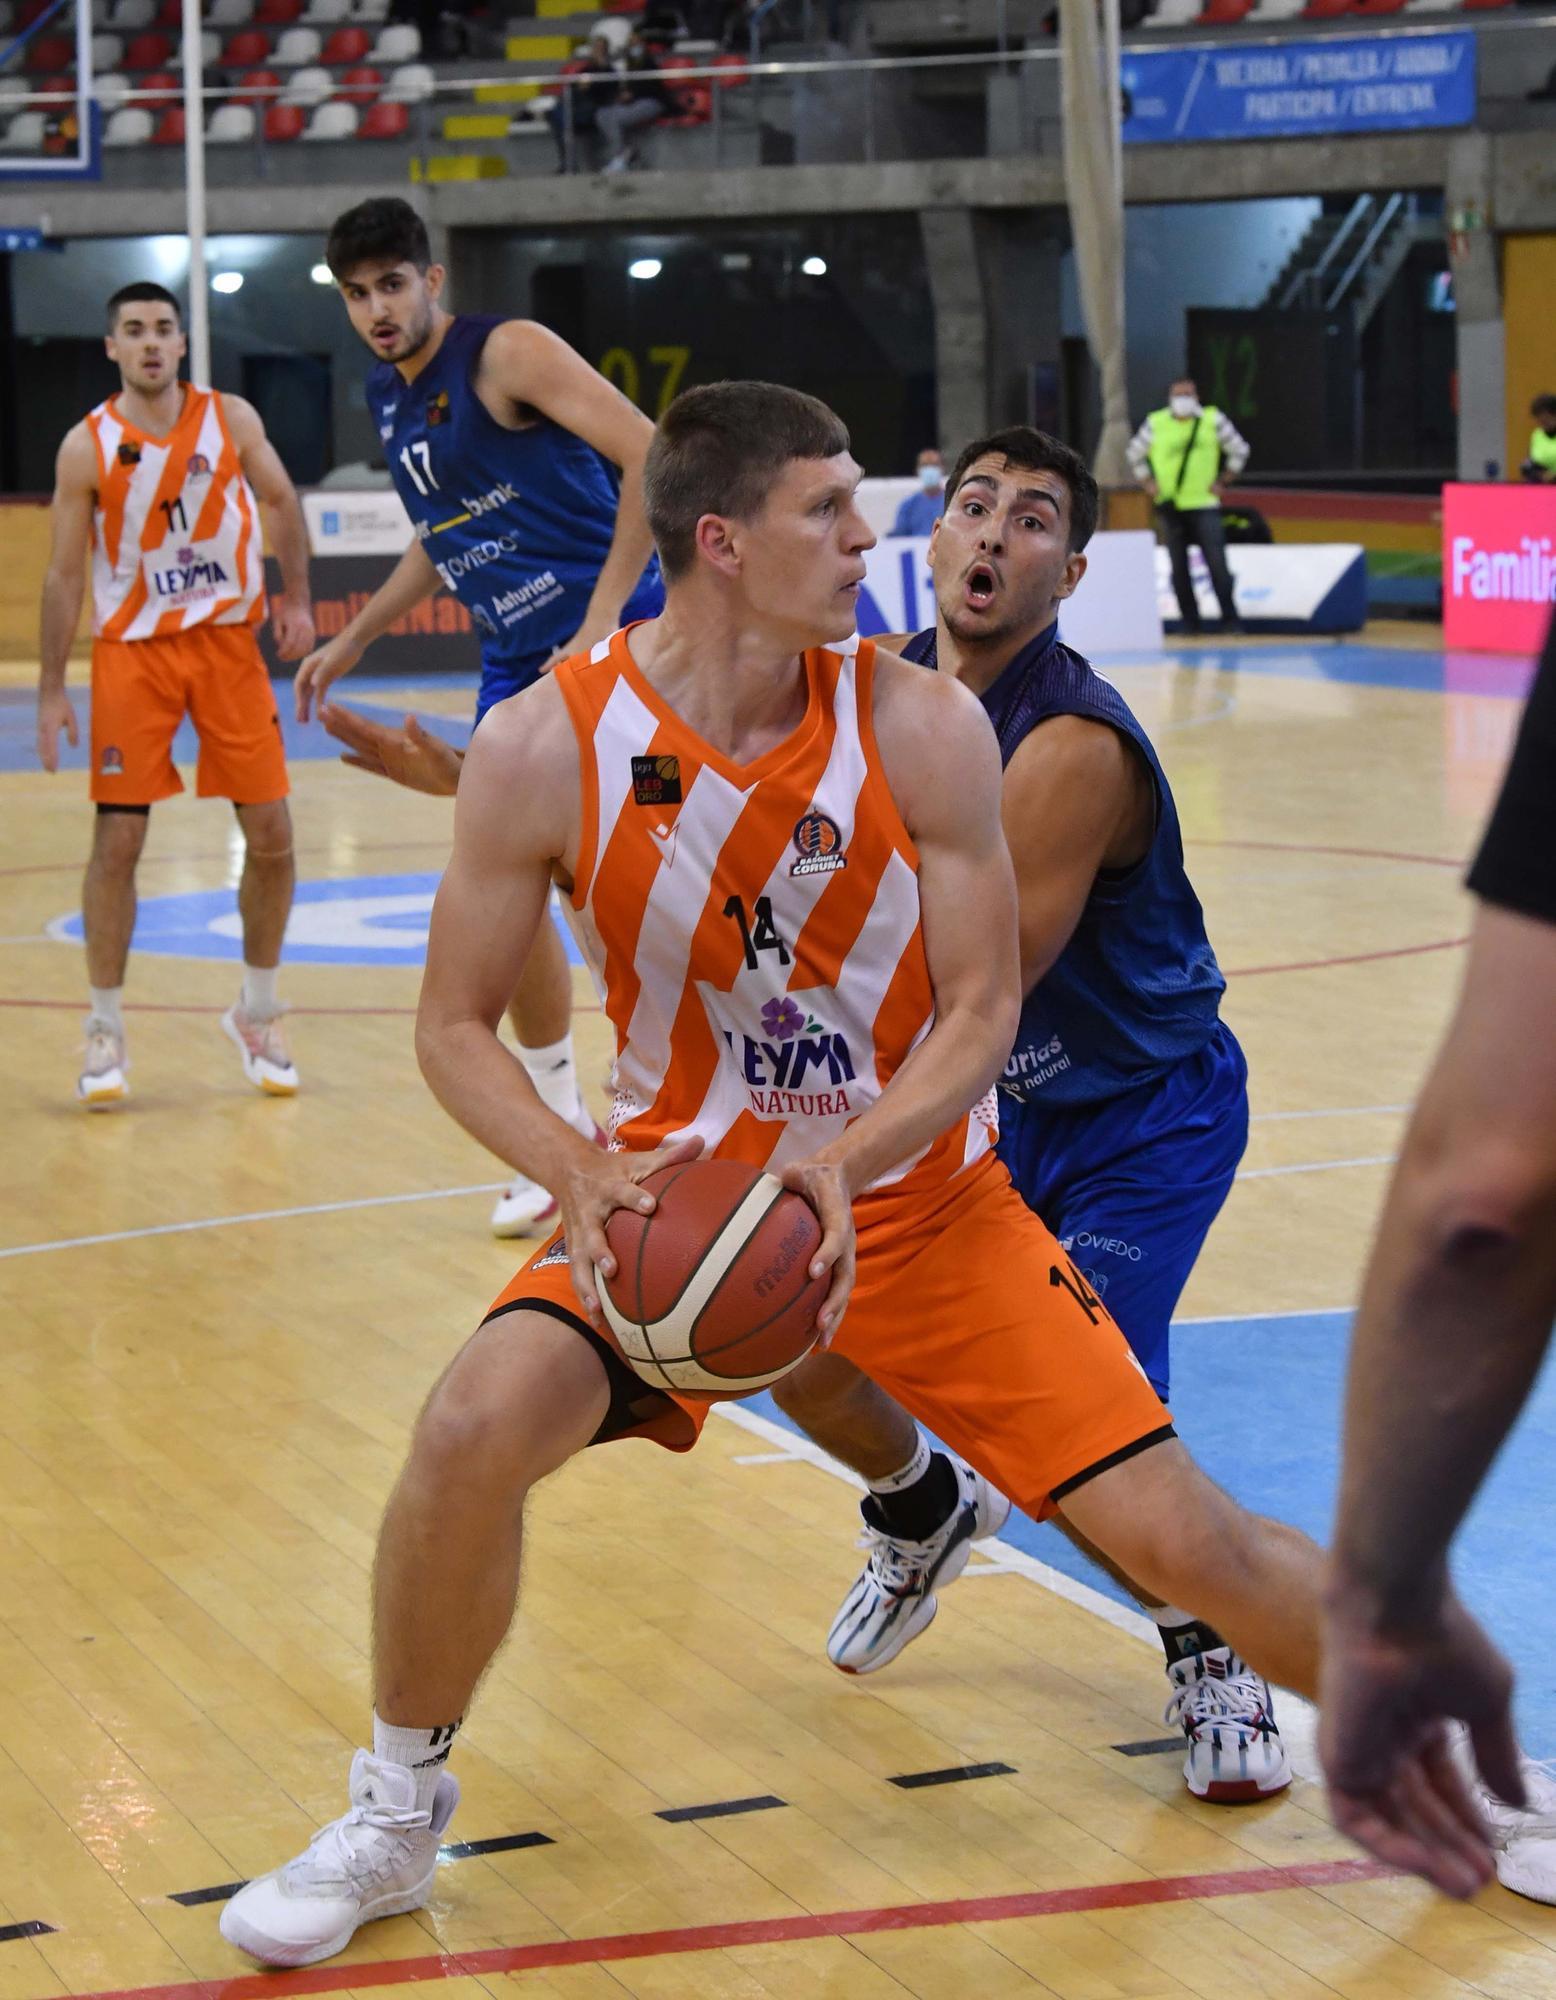 El Leyma le gana 74-66 al Oviedo